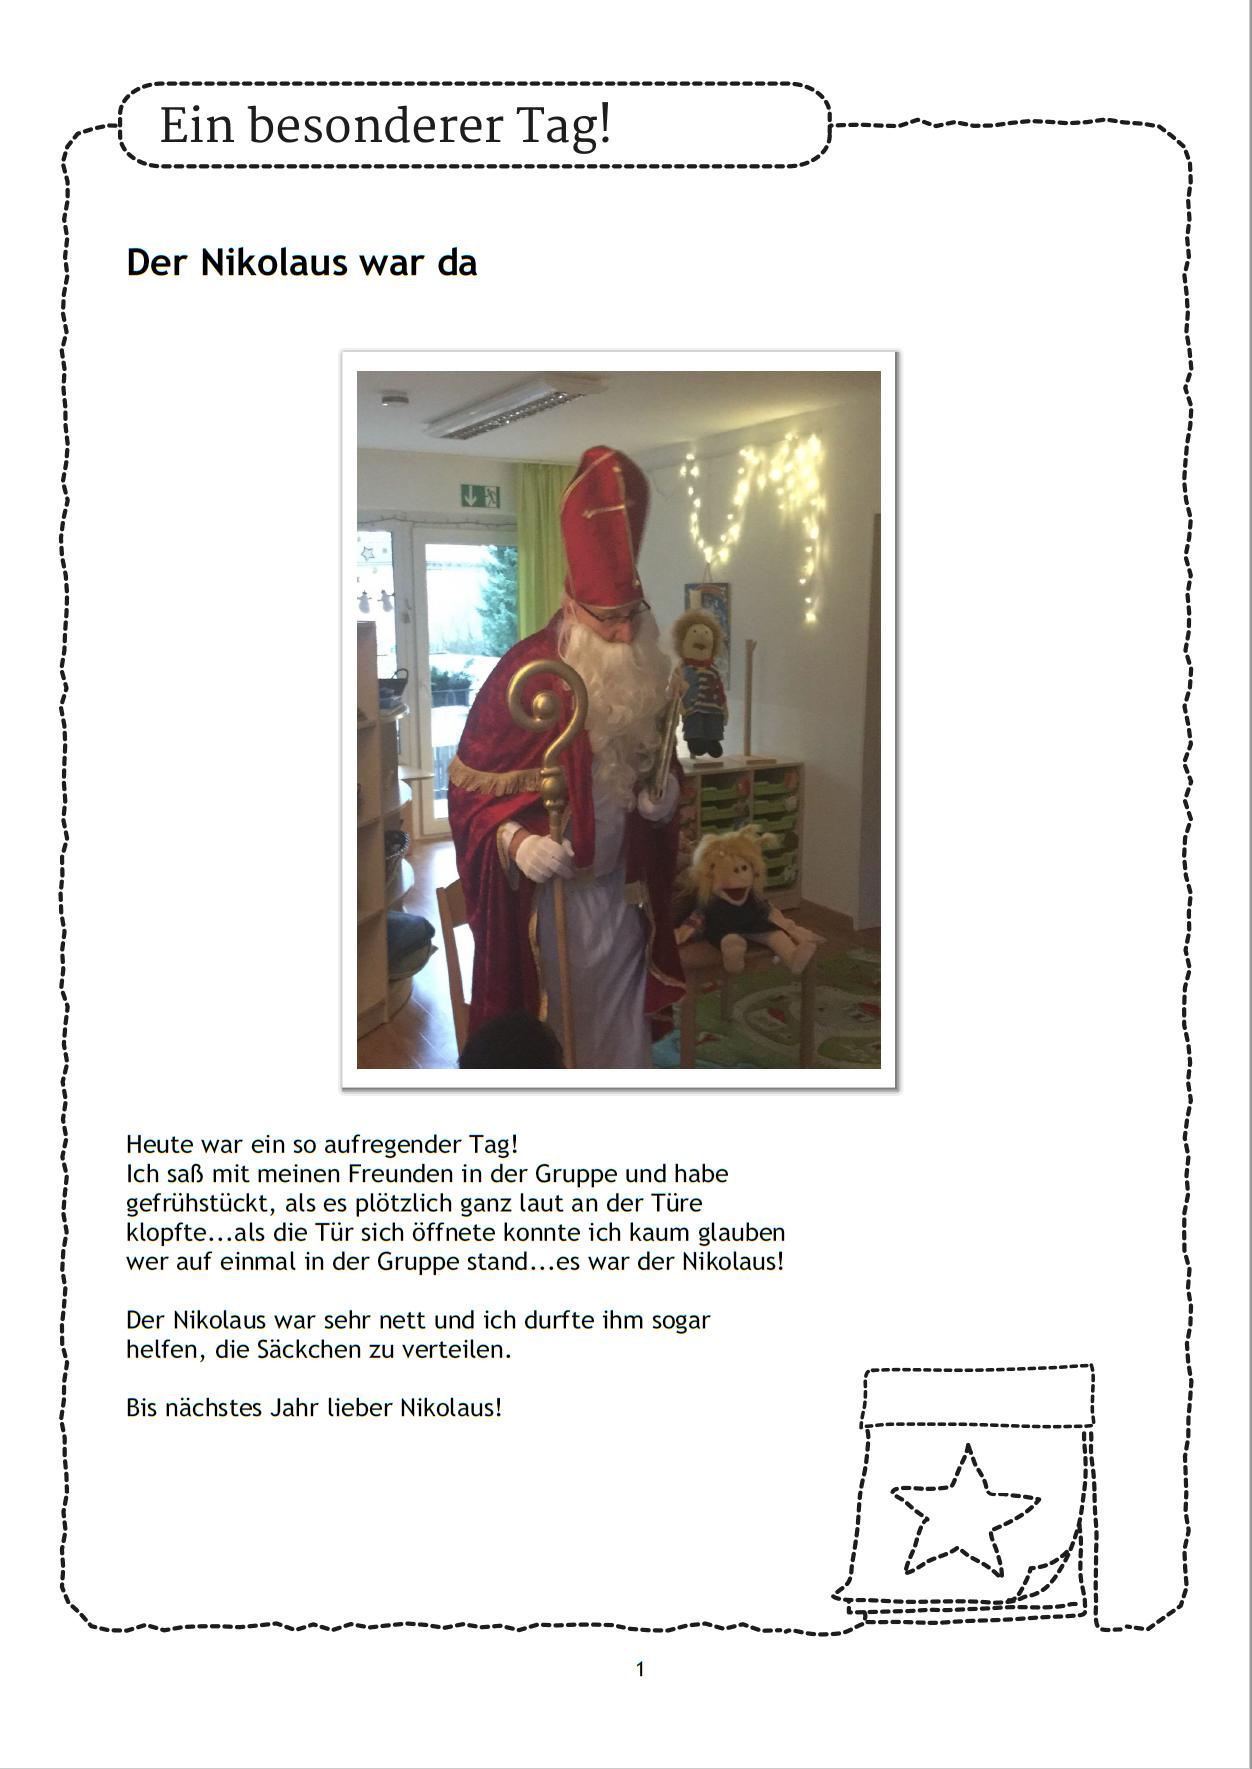 Der Nikolaus Ist Da Wie Reagieren Die Kinder Wer Kann Ein Gedicht Aufsagen A Schule Vorschule Portfolio Vorschulbuch Kindertageseinrichtung Nikolaus